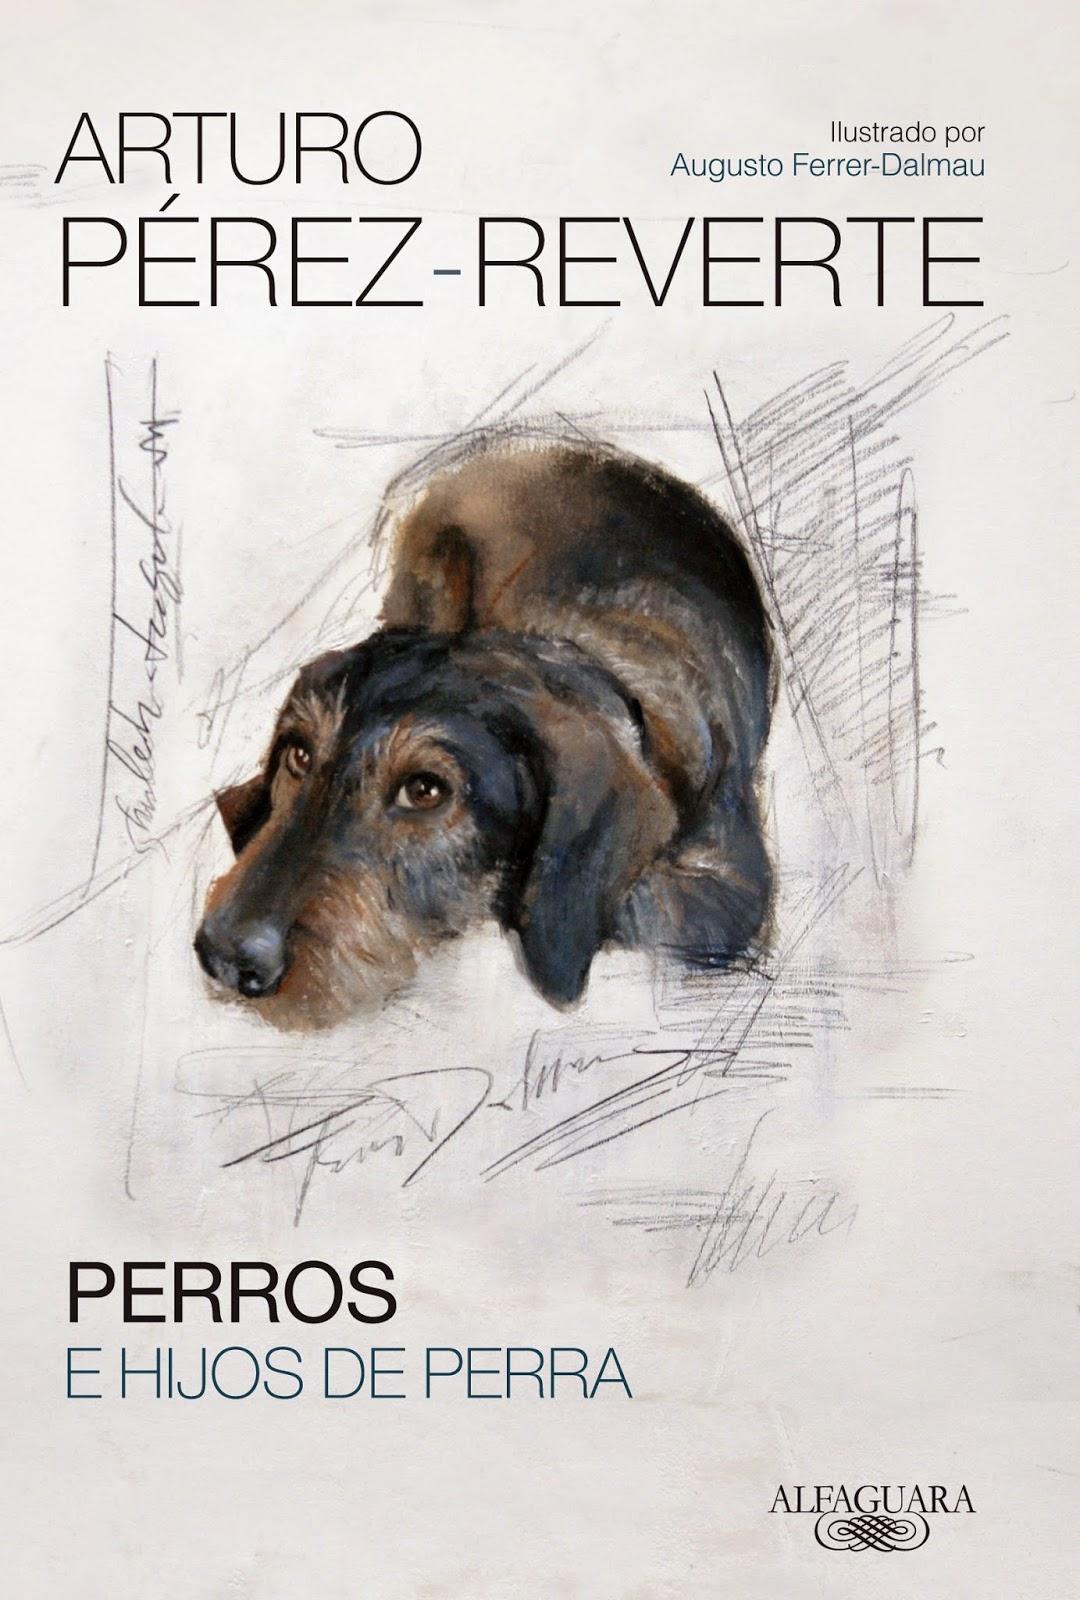 Reseña: Perros e hijos de perra, de Arturo Pérez-Reverte